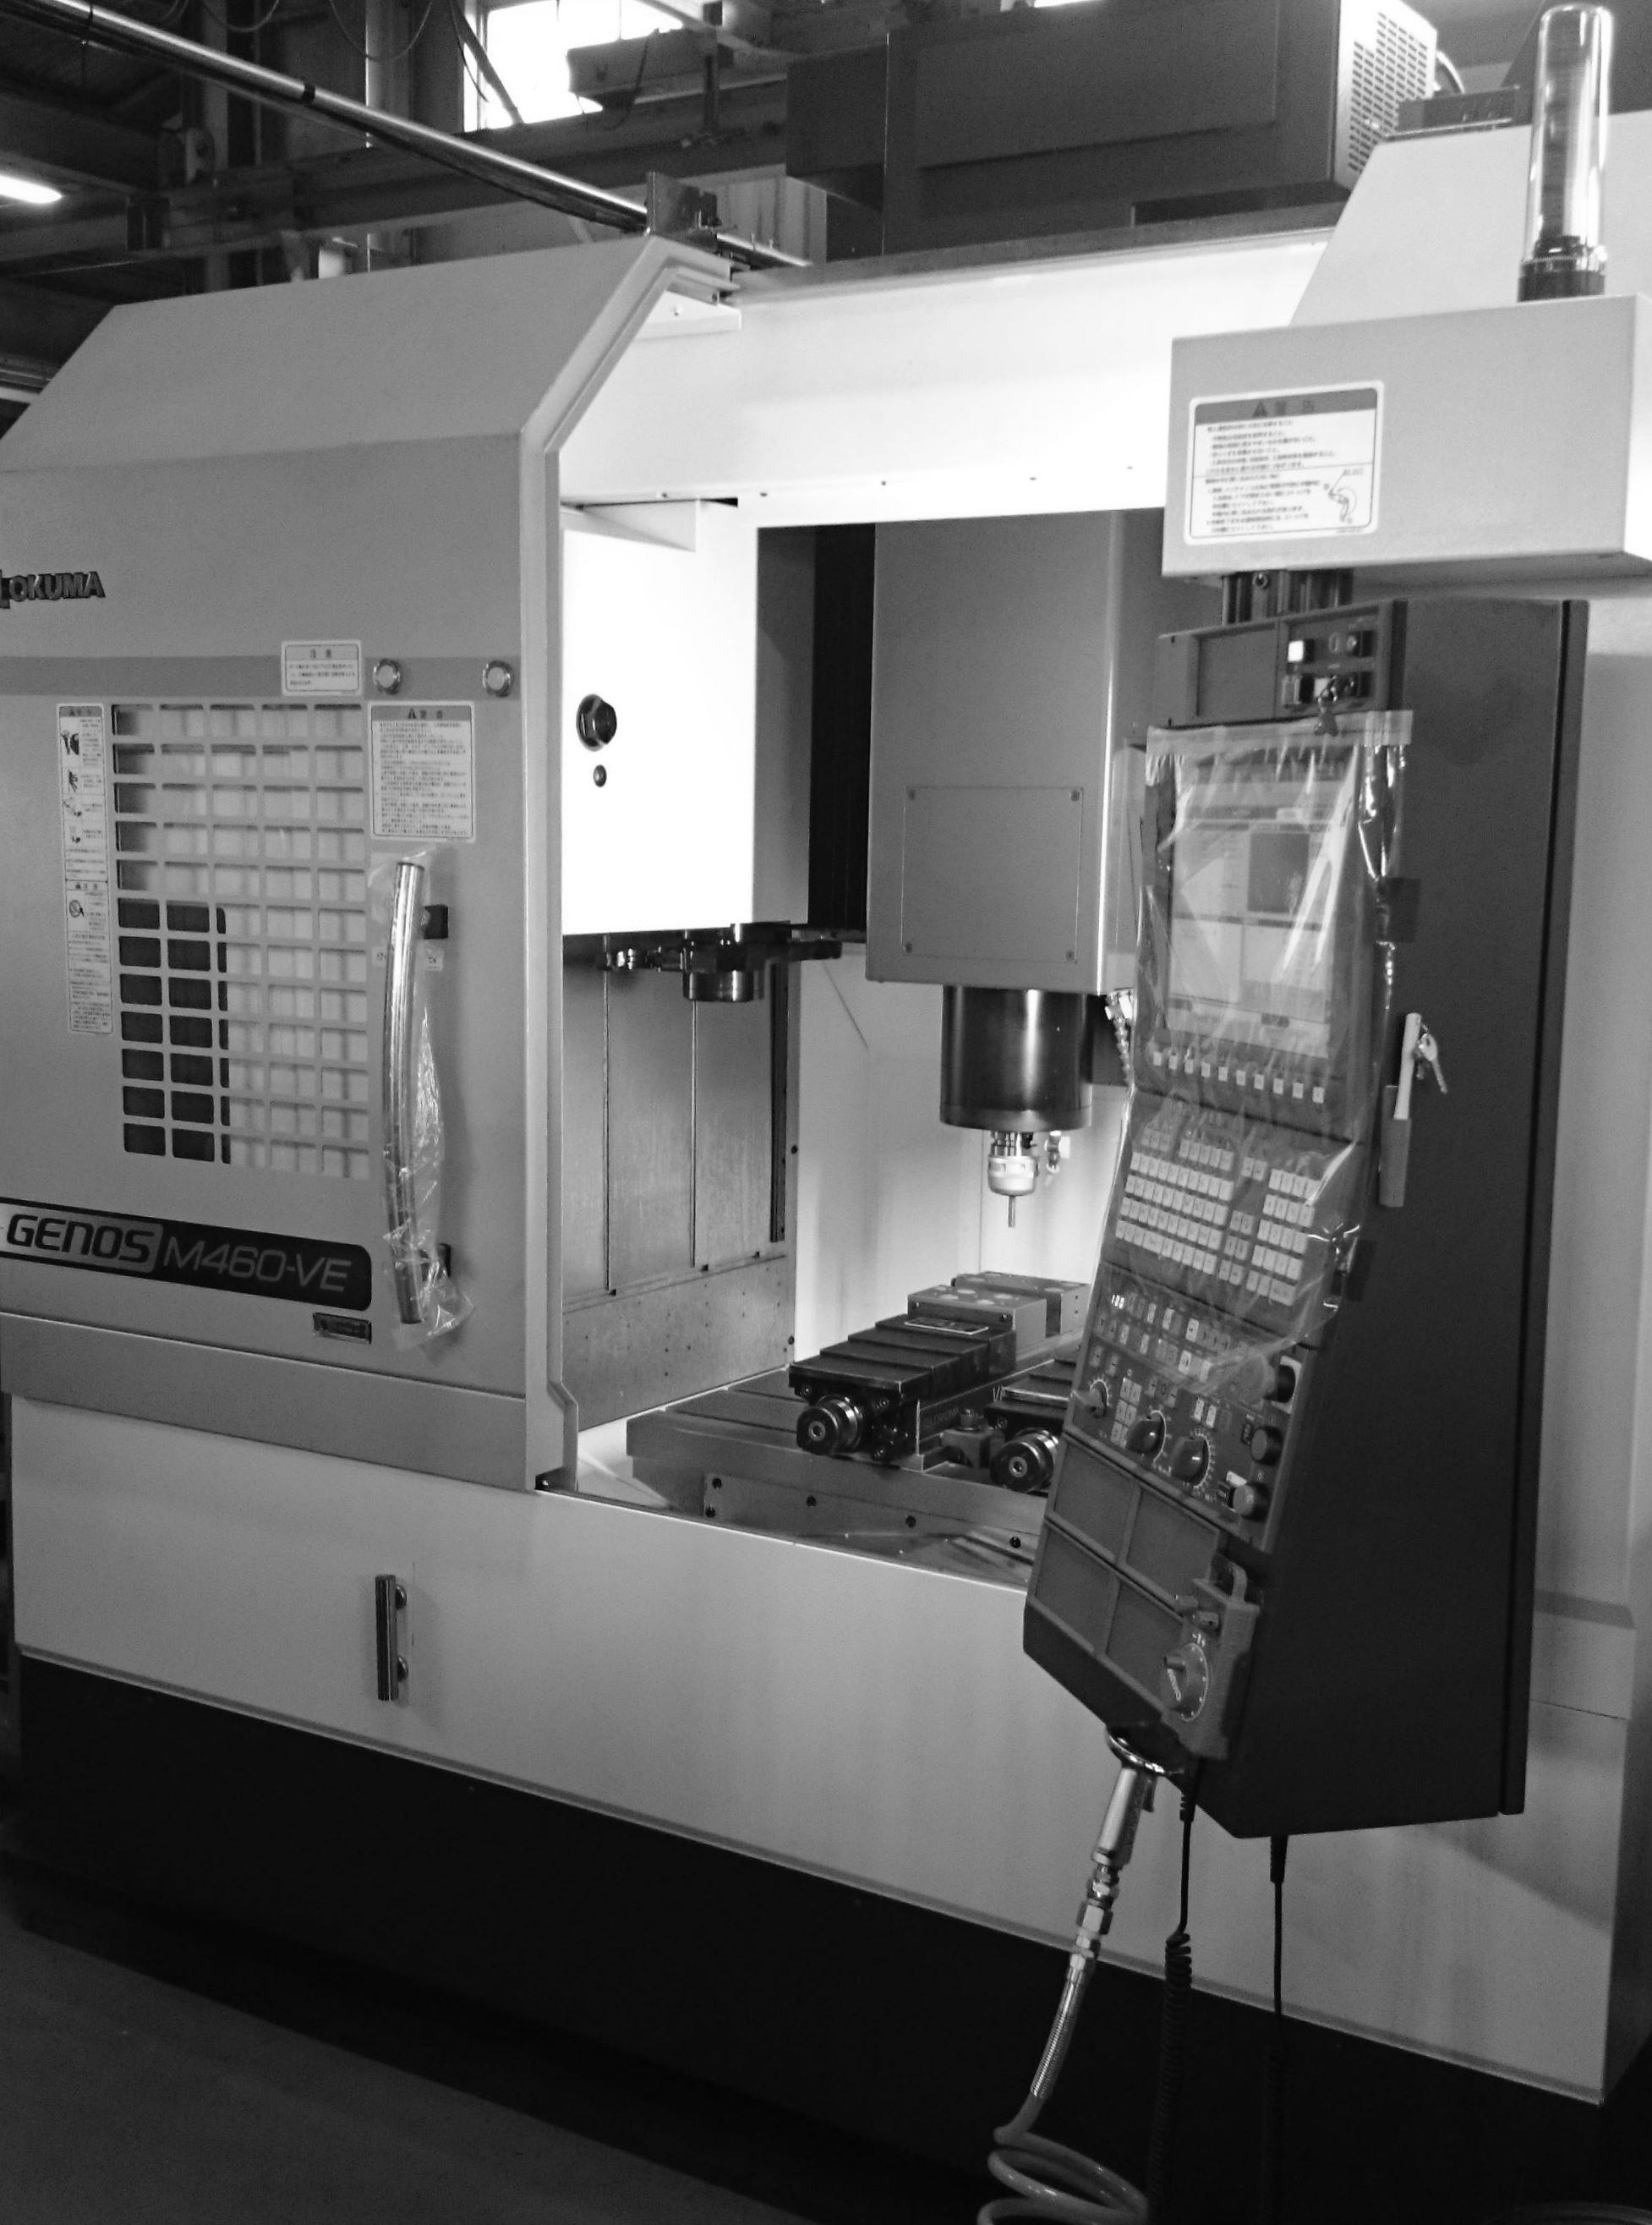 オークマ 4番 マシニング MC 浜松東区 治具 設計製作 機械加工 専用機 金属切削 加工組立 フライス 旋盤 ワイヤーカット